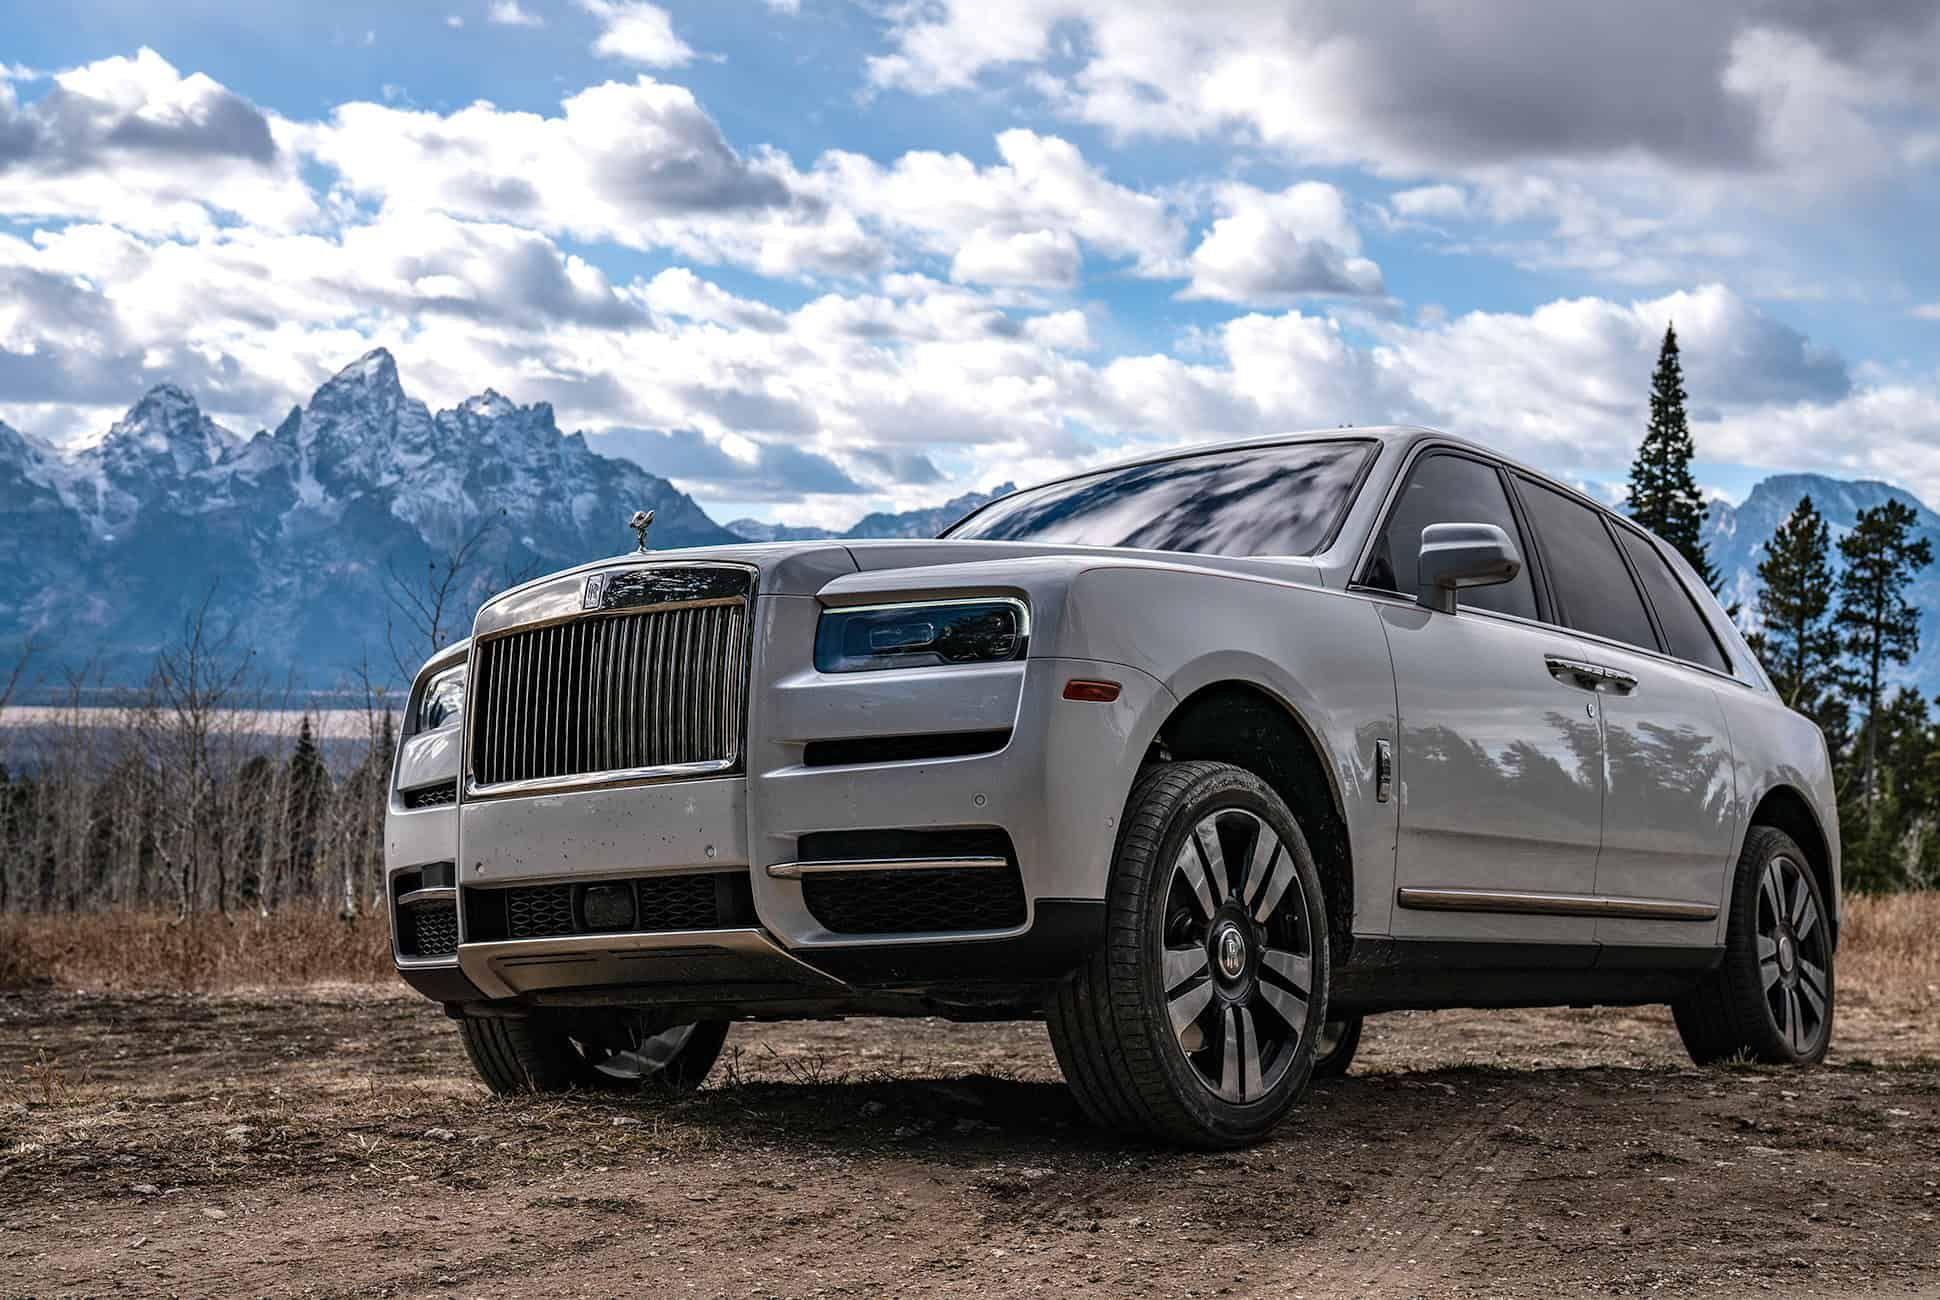 Rolls-Royce-Cullinan-Review-gear-patrol-slide-9